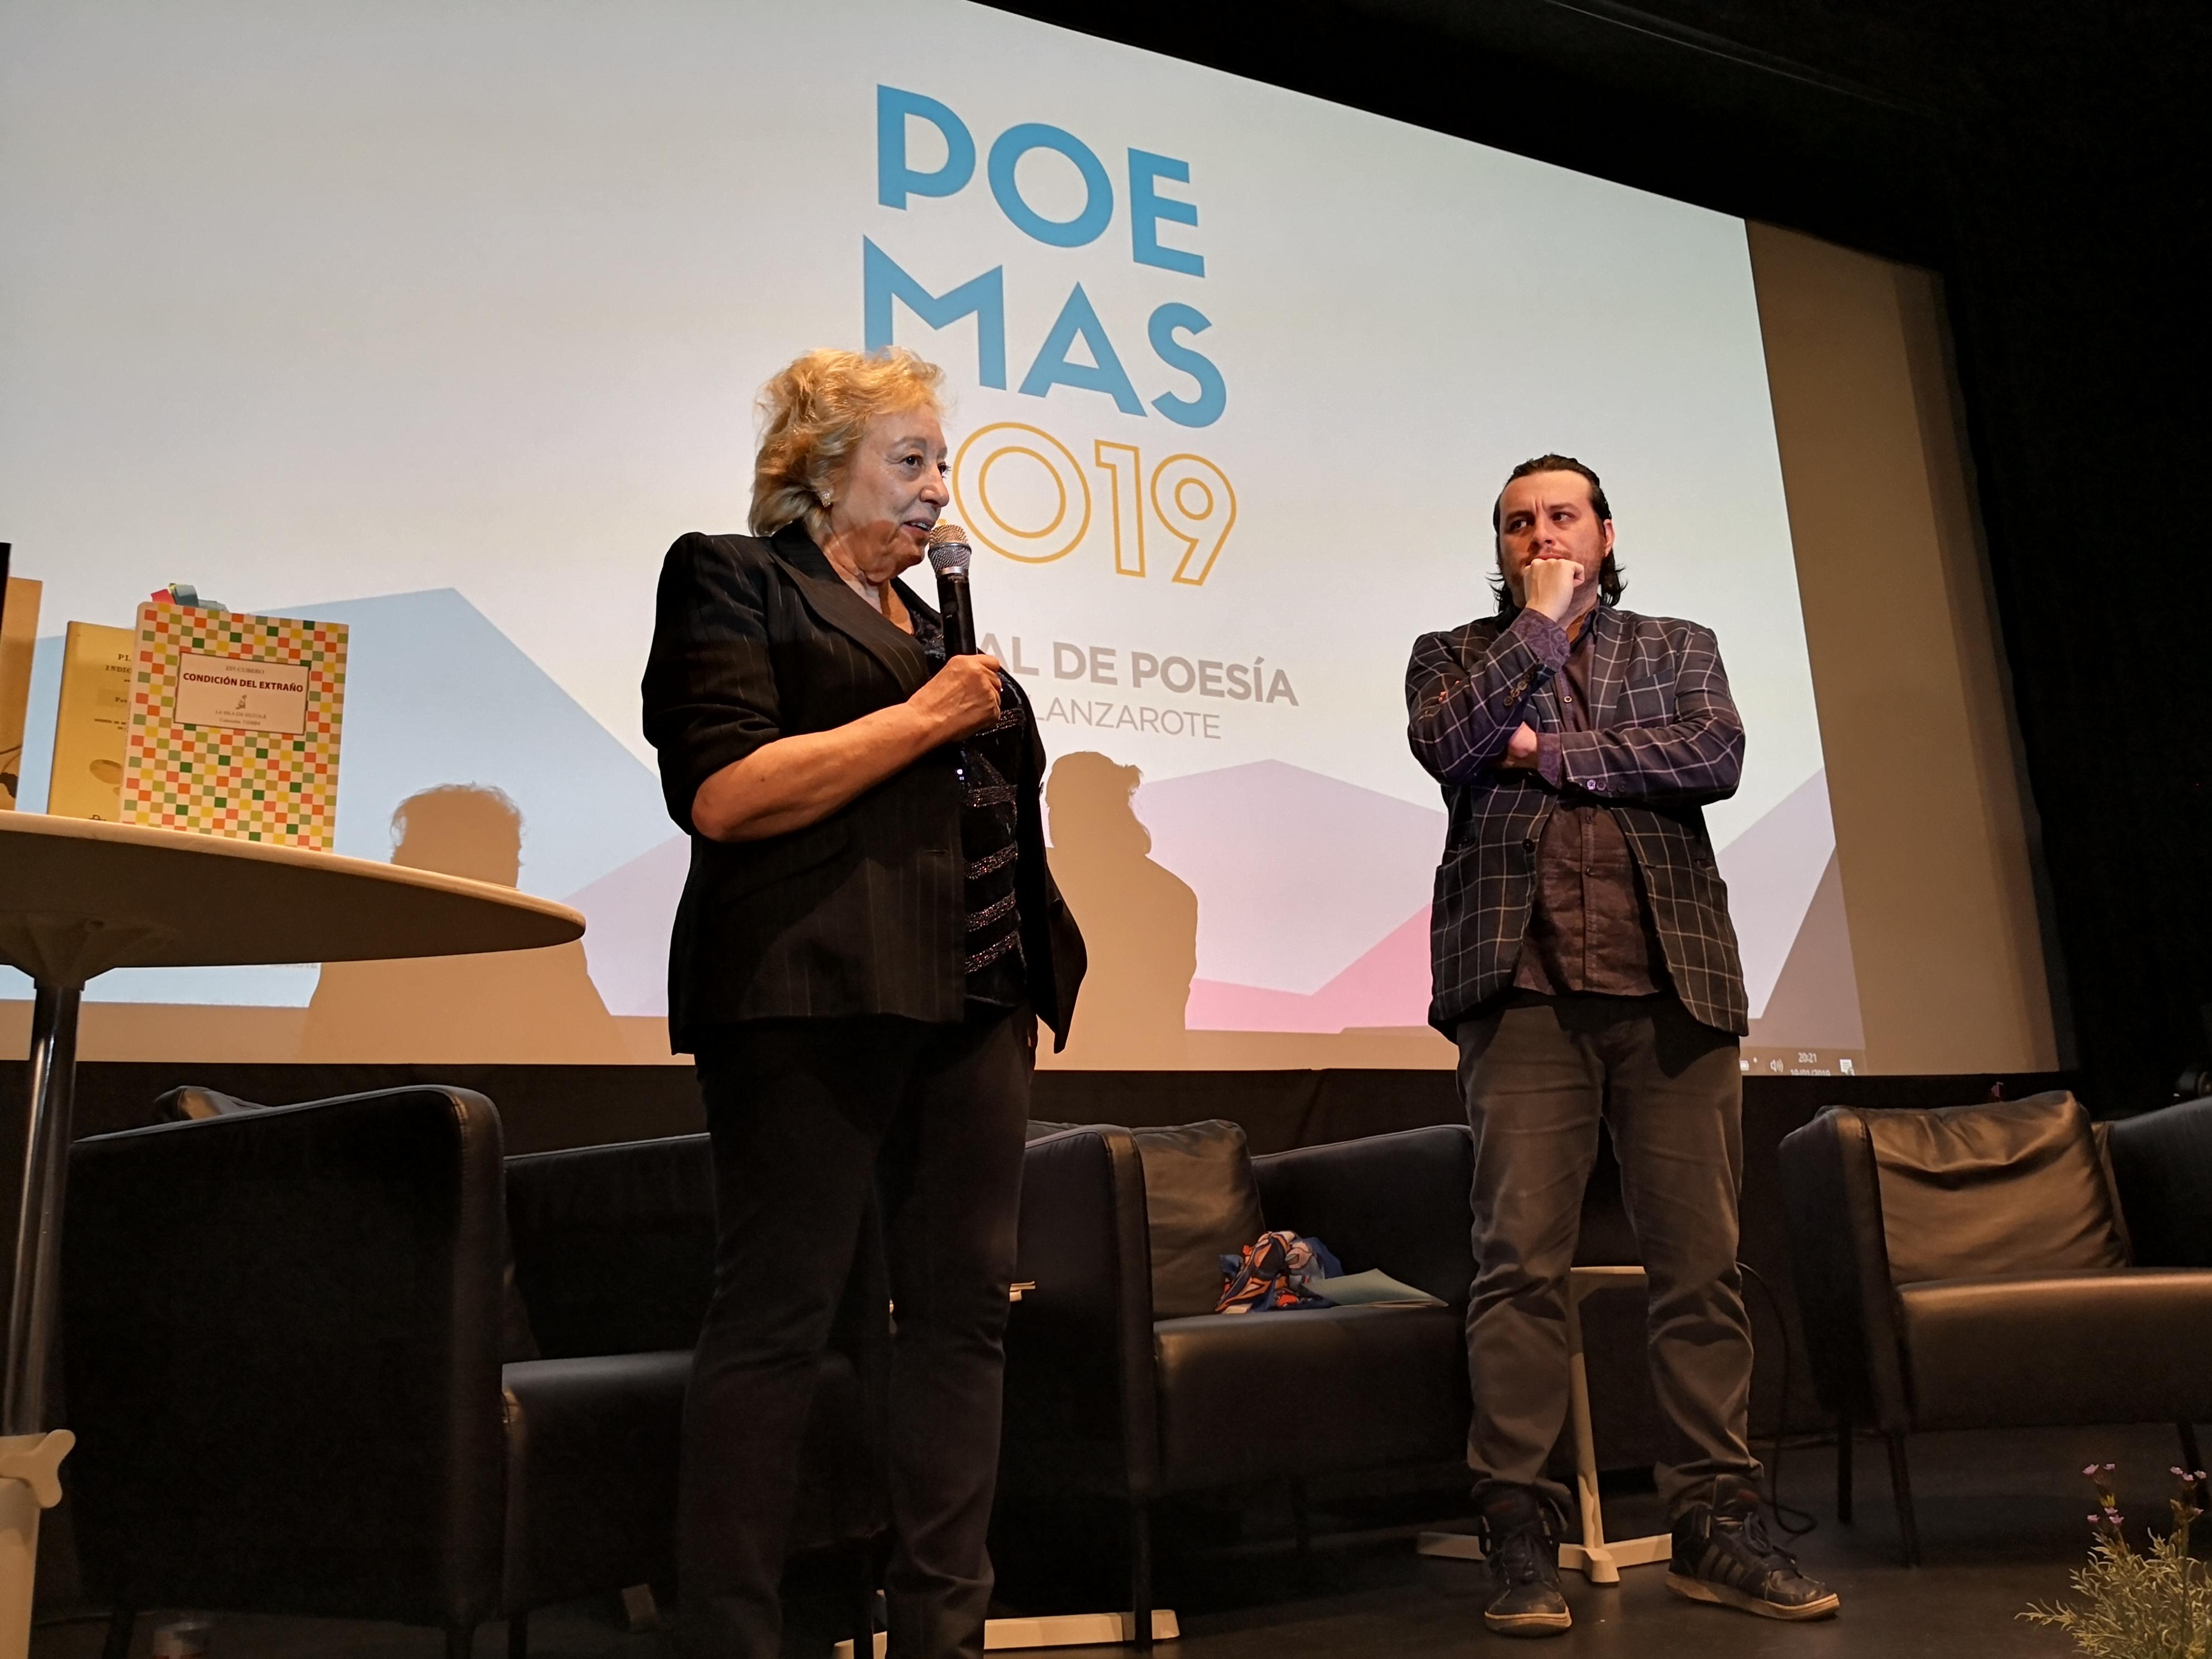 José Manuel Díez con Efi Cubero en el escenario del Festival de Poesía de Lanzarote 2019